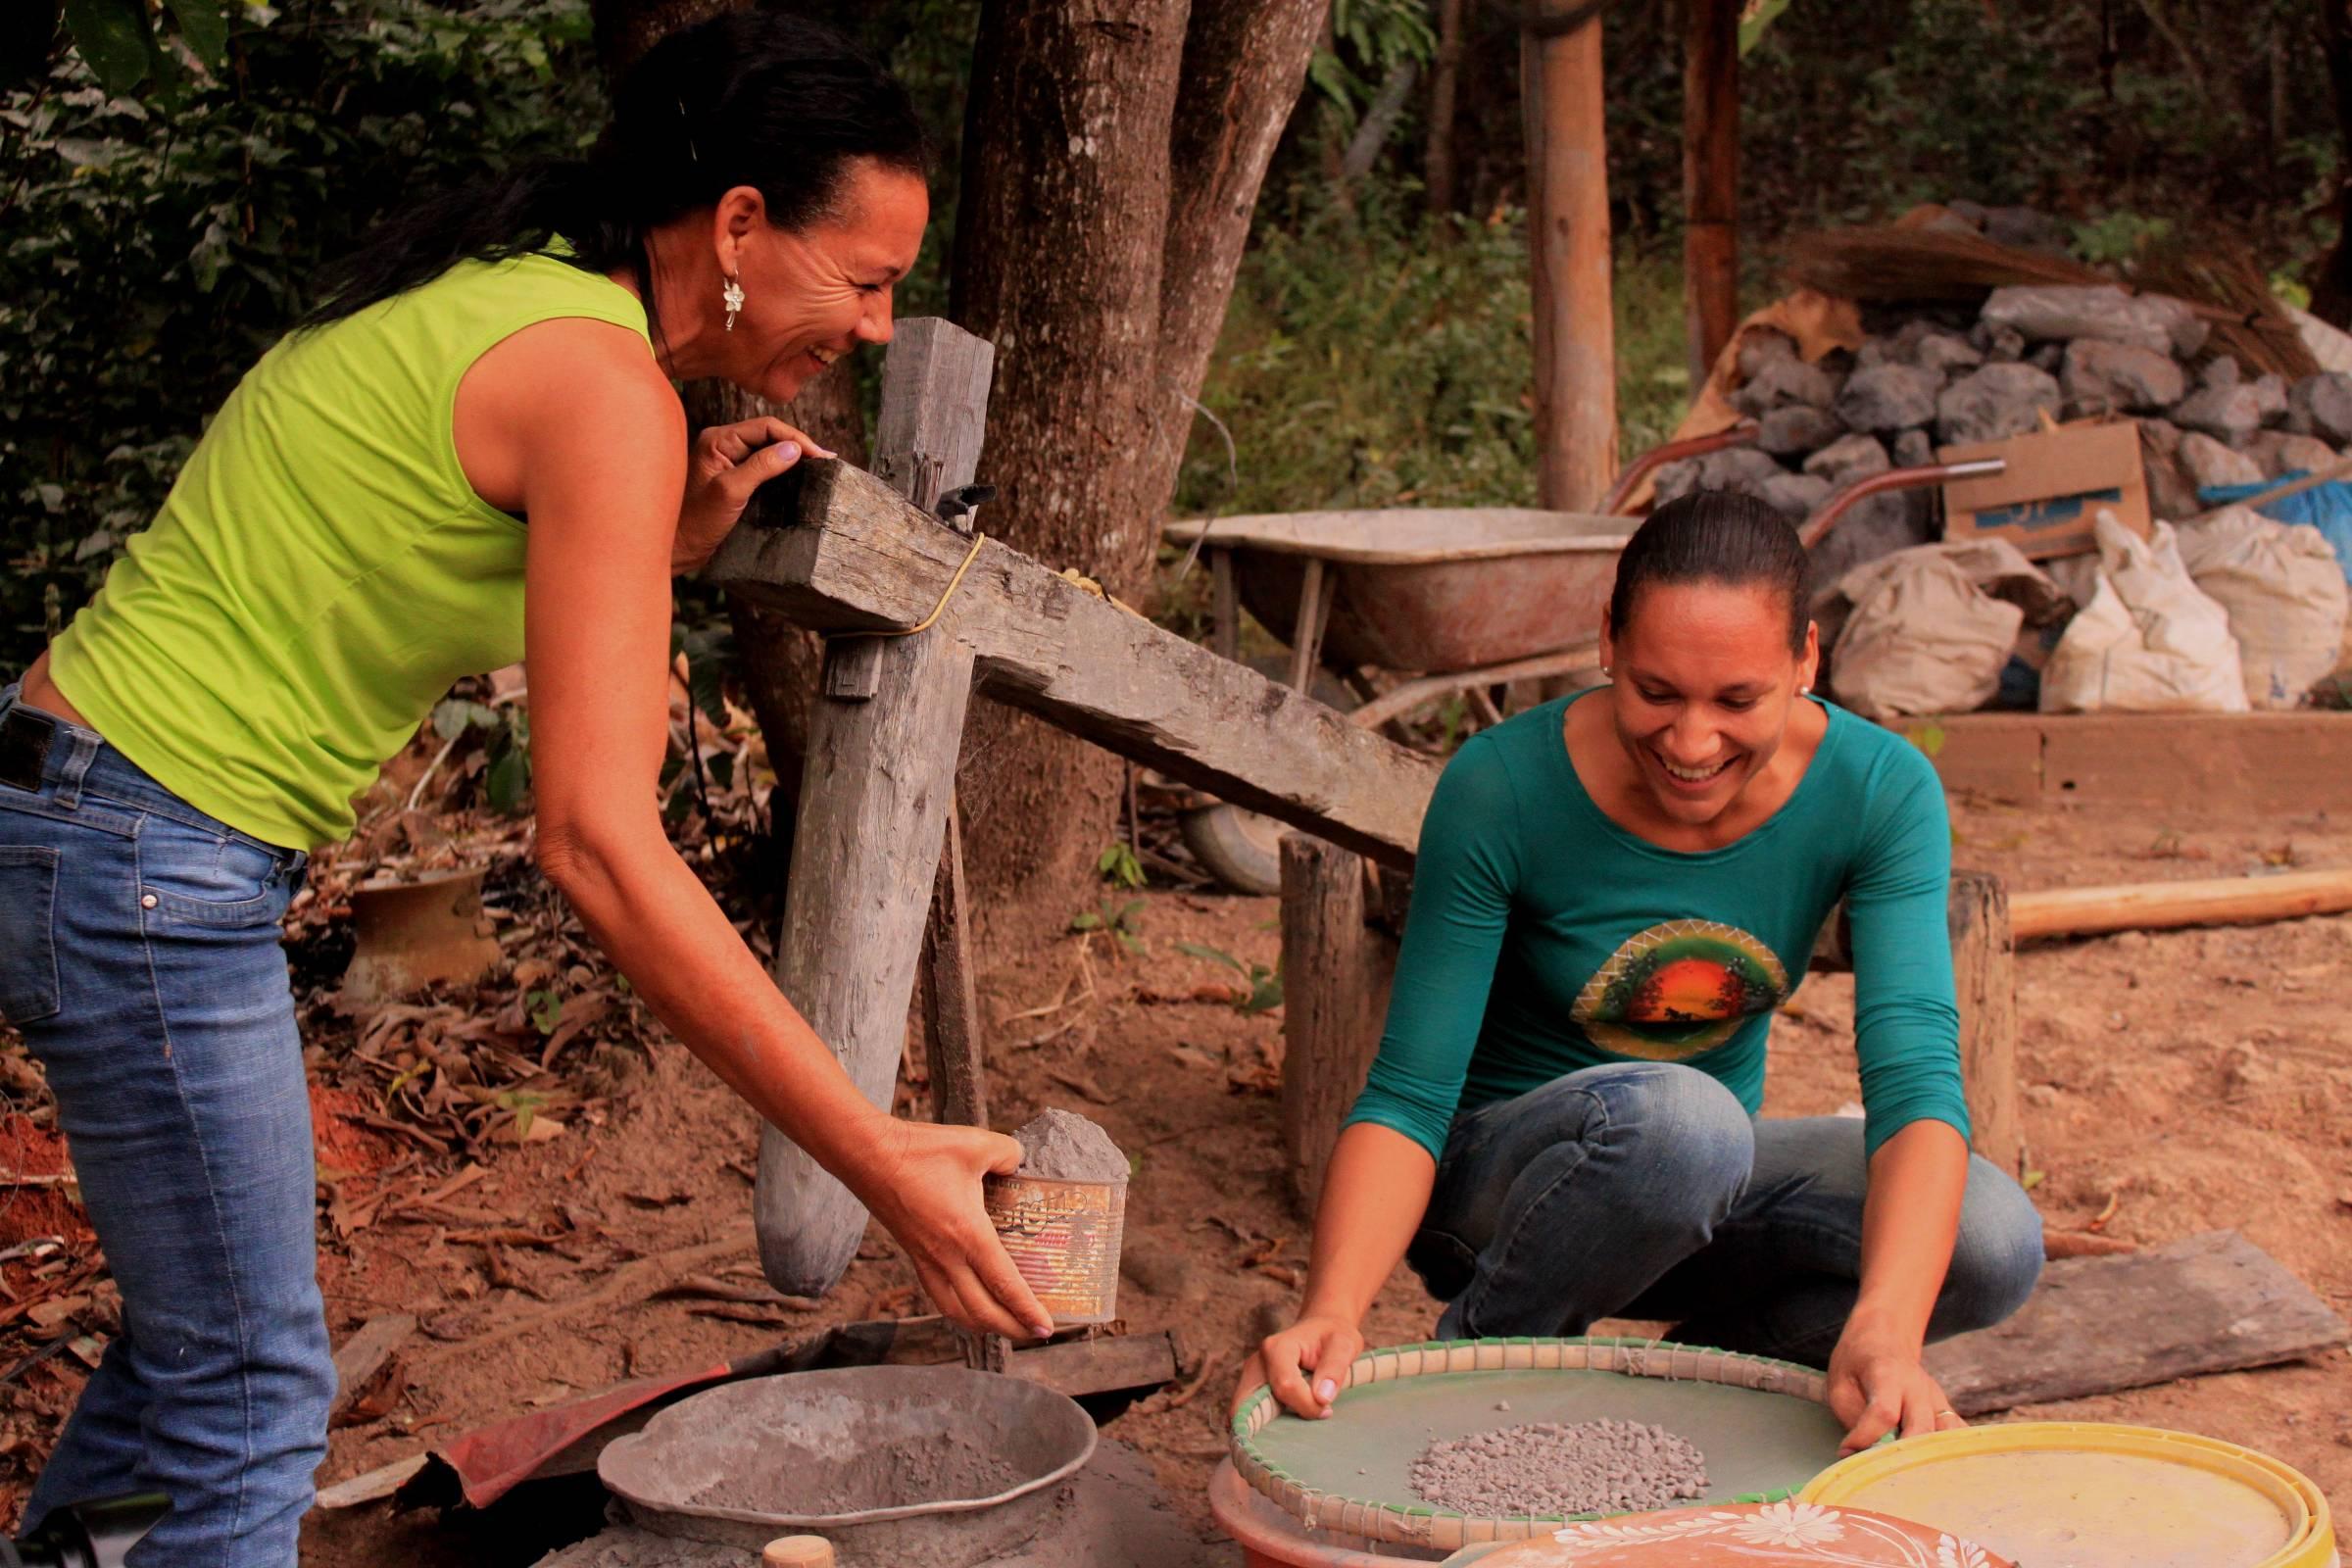 Turismo de impacto arrecada doações para comunidades vulneráveis